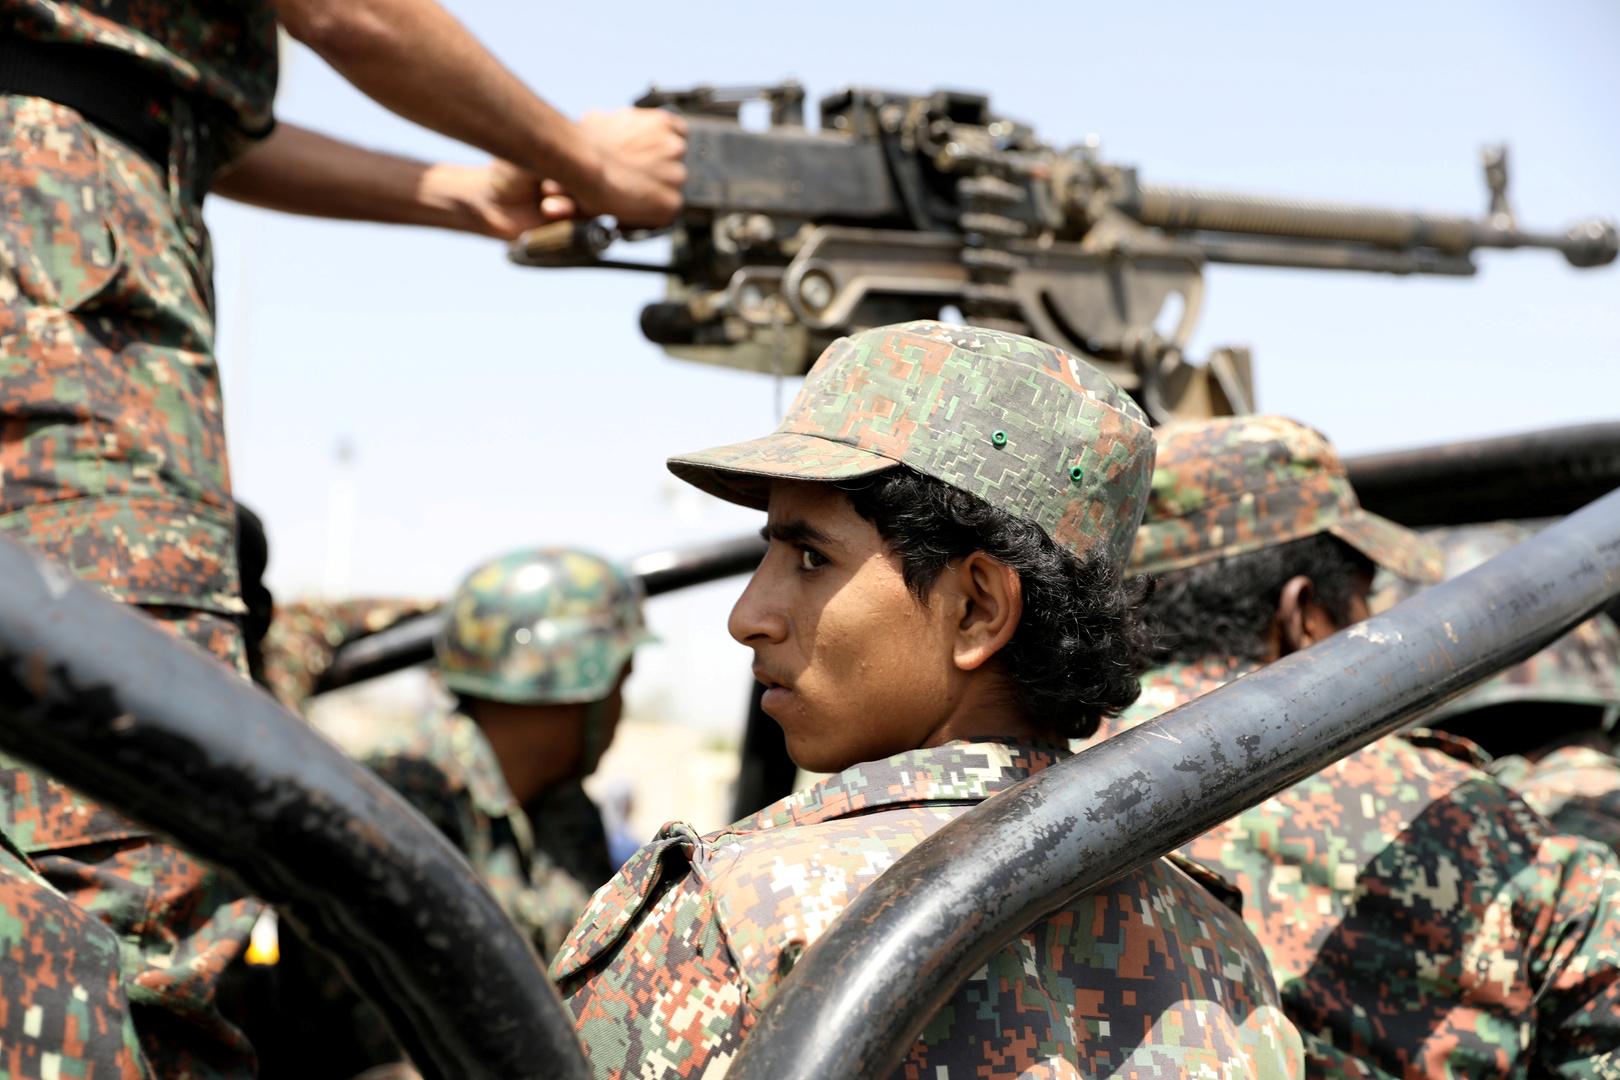 الحوثيون يعلنون شنهم هجوما جديدا على قاعدة الملك خالد الجوية في السعودية